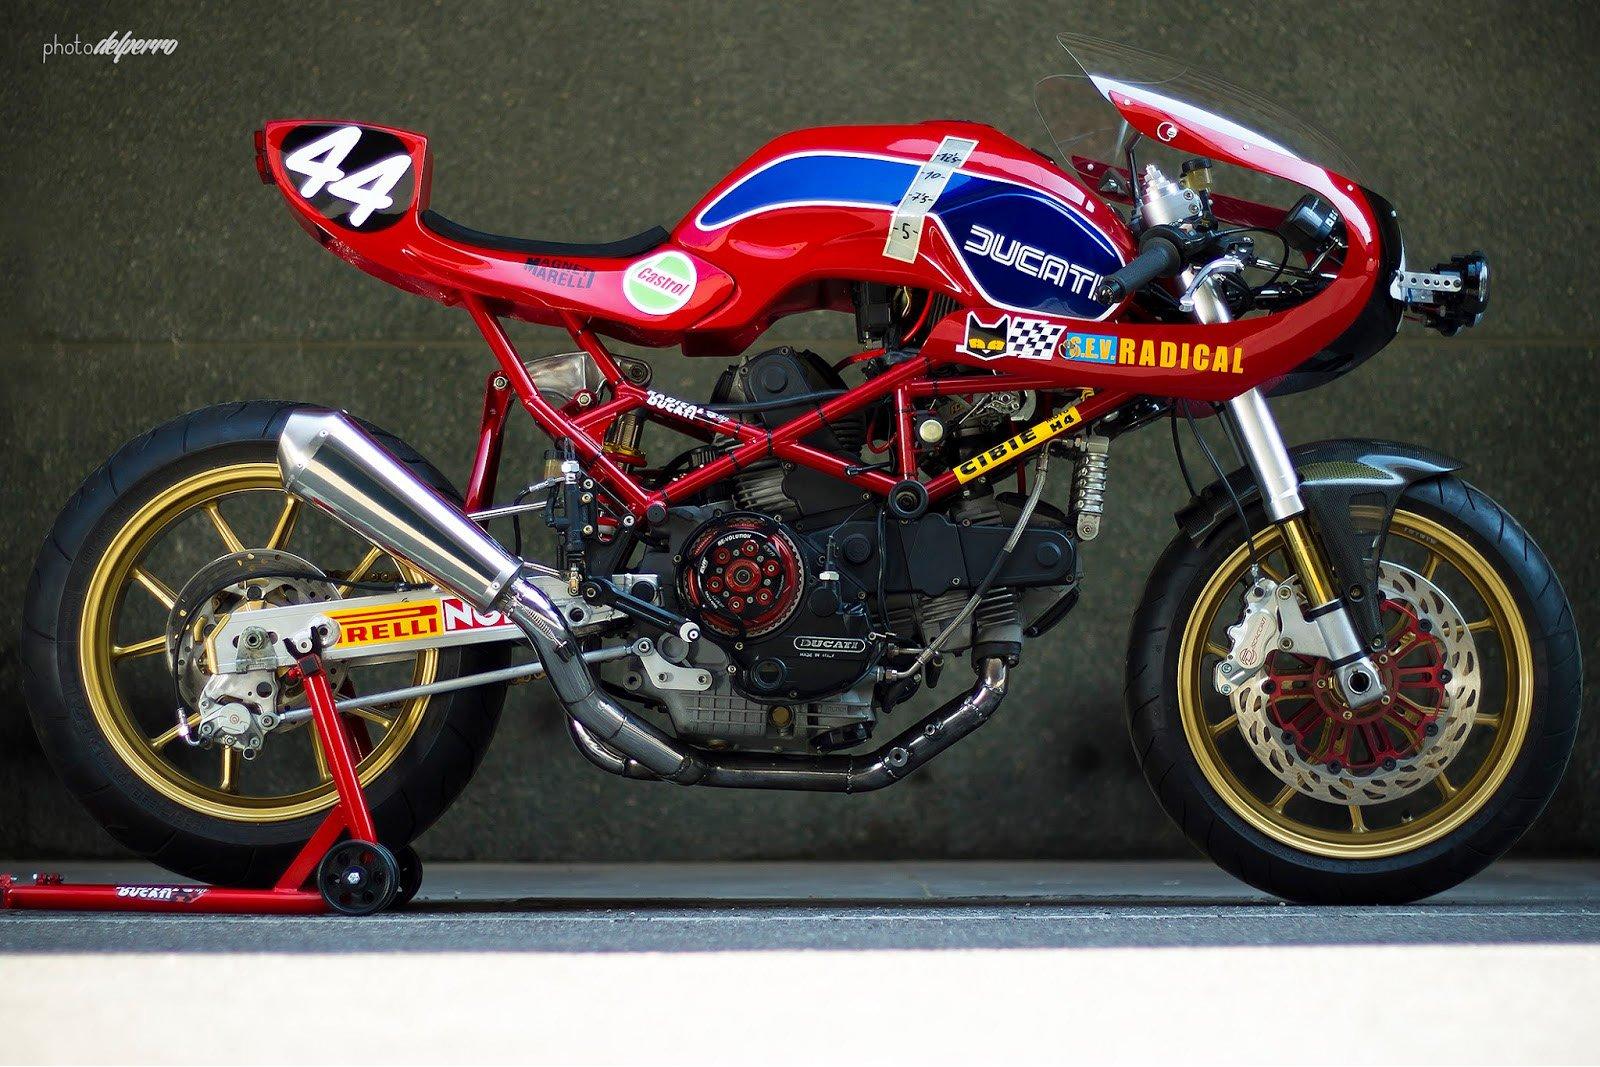 Radical Ducati Endurance Radical Ducati